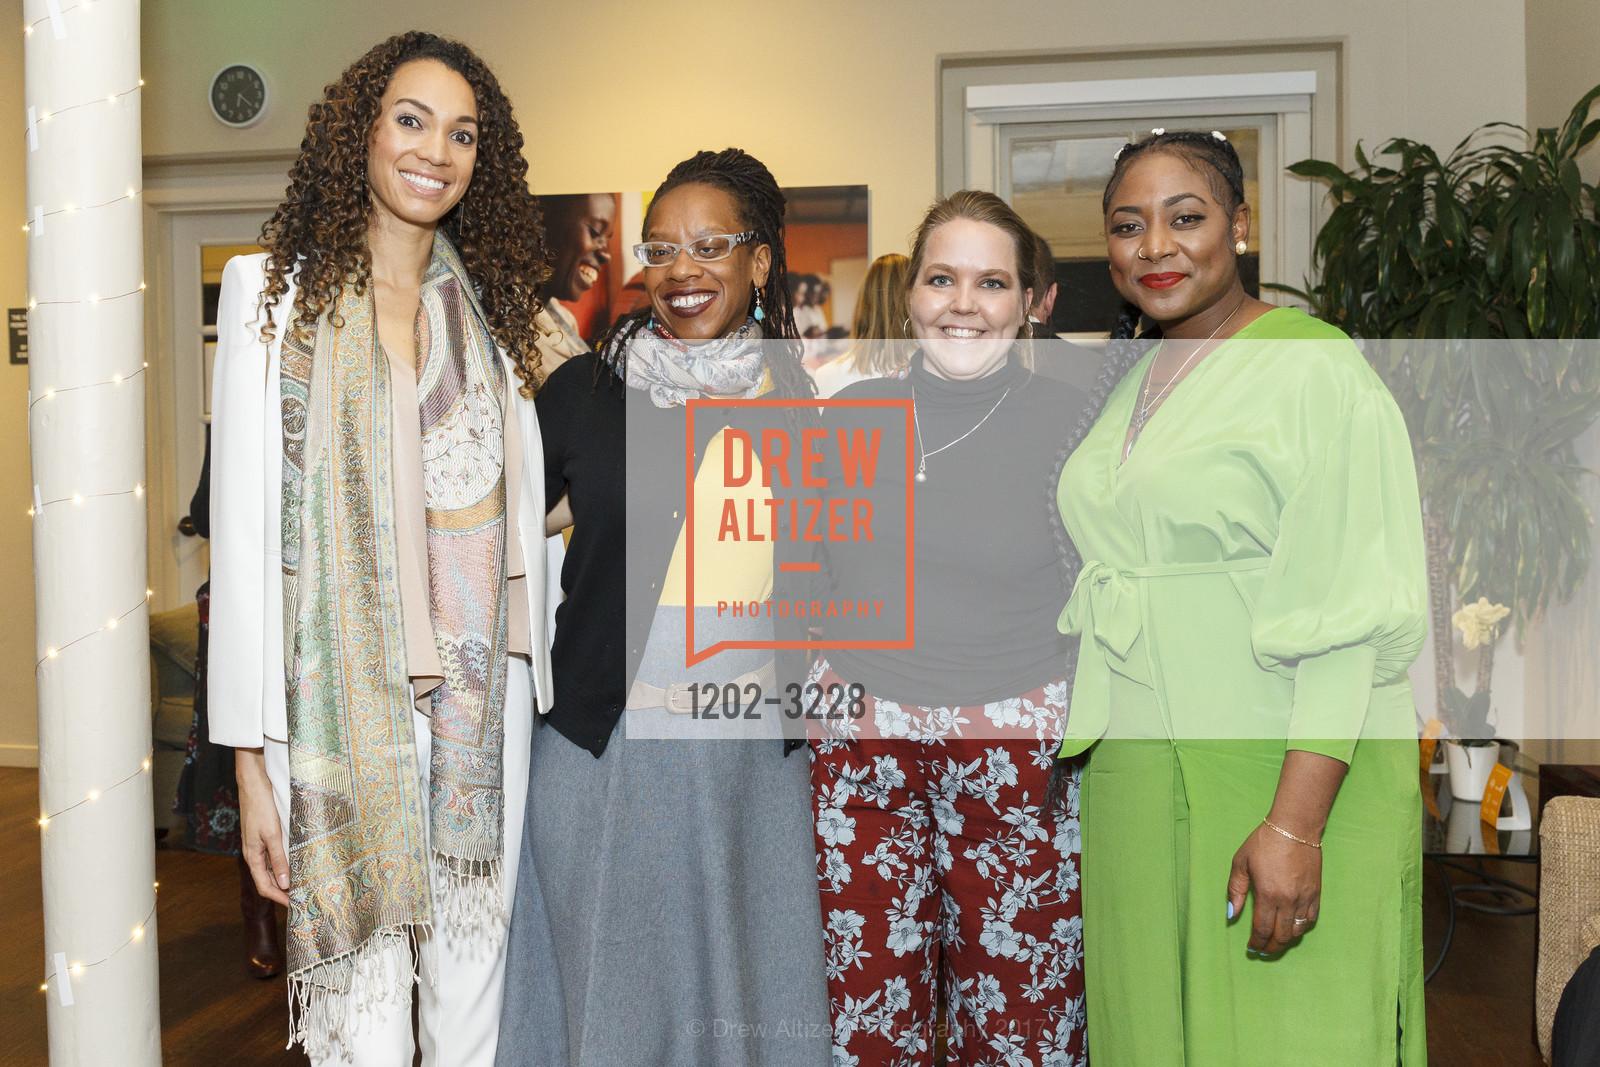 Gina Clayton, Latifah Simon, Kia Kolderup-Lane, Alicia Garza, Photo #1202-3228